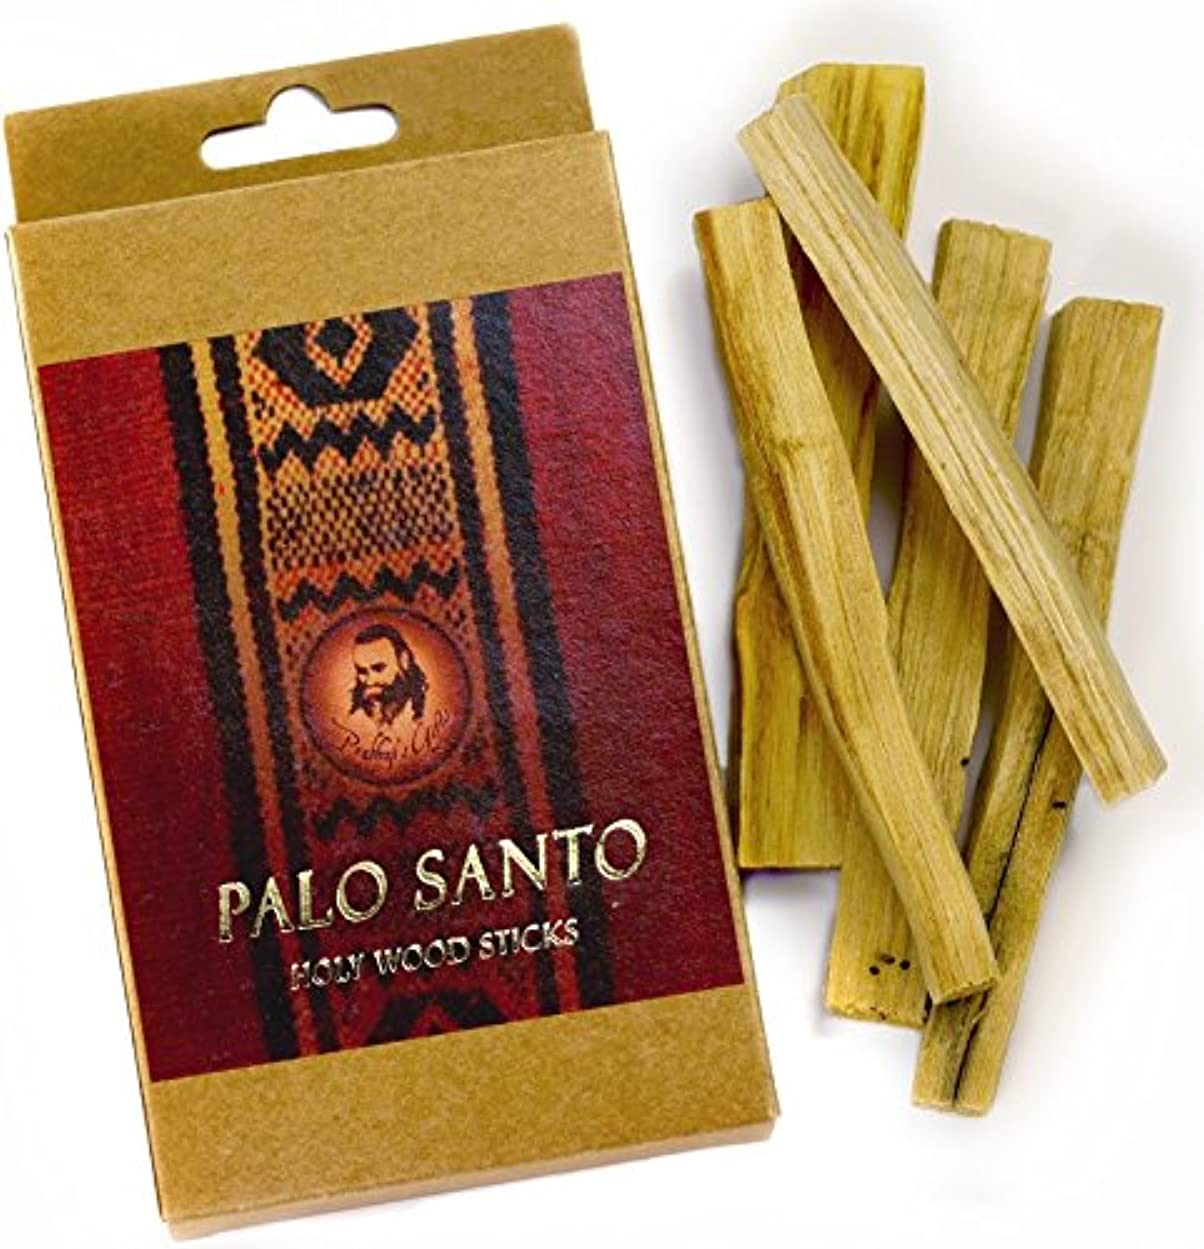 発掘する発揮するストリームPalo Santo Raw Incense木製 – 標準 – 5 Sticks